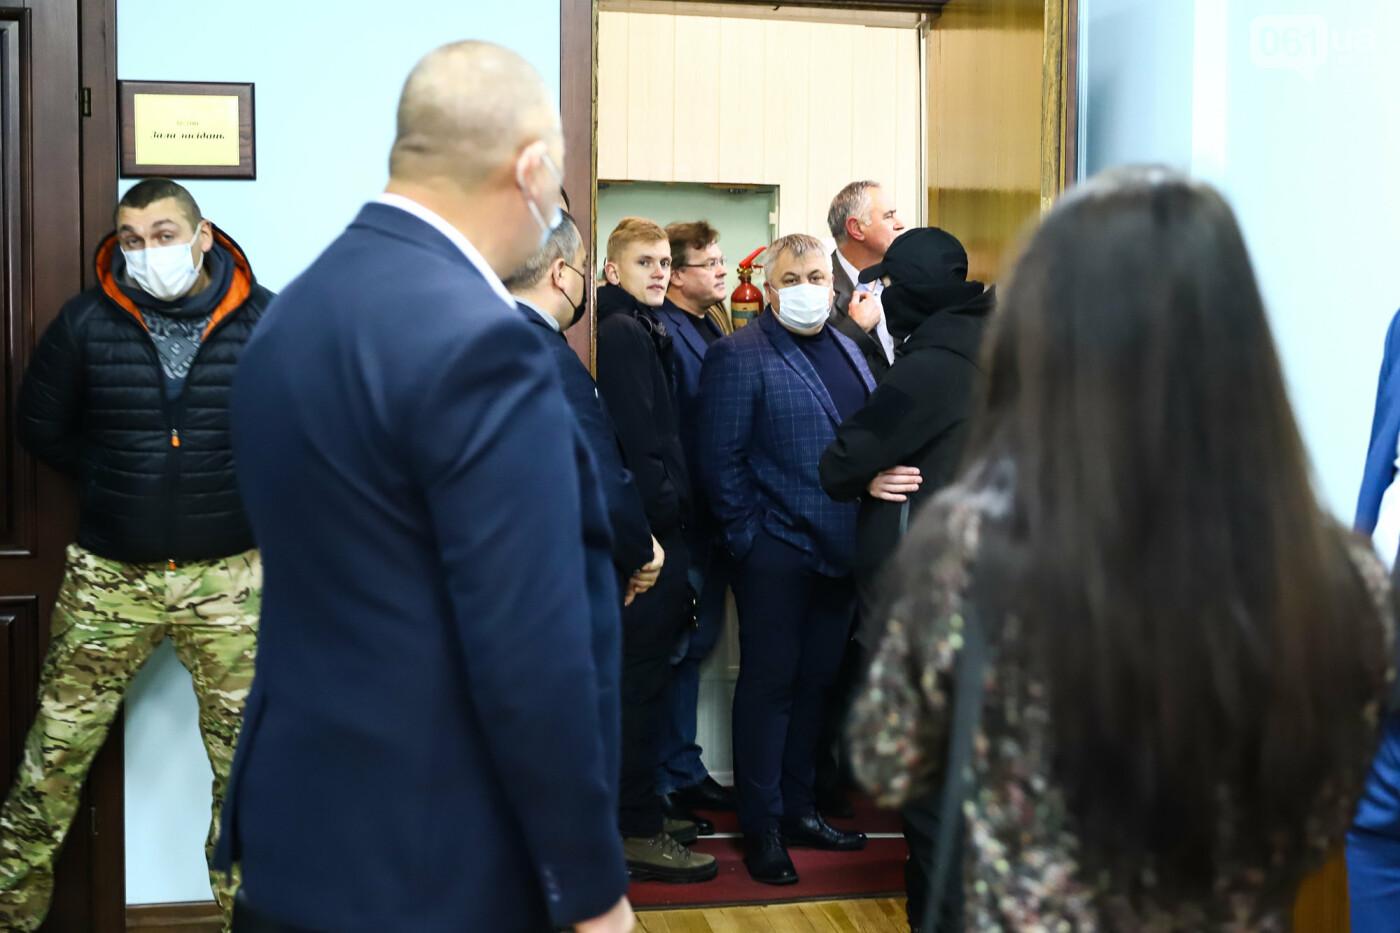 """Тайная """"сессия"""", сотни правоохранителей и стычки с активистами - что происходило в здании Запорожского облсовета, - ФОТО, ВИДЕО , фото-15"""